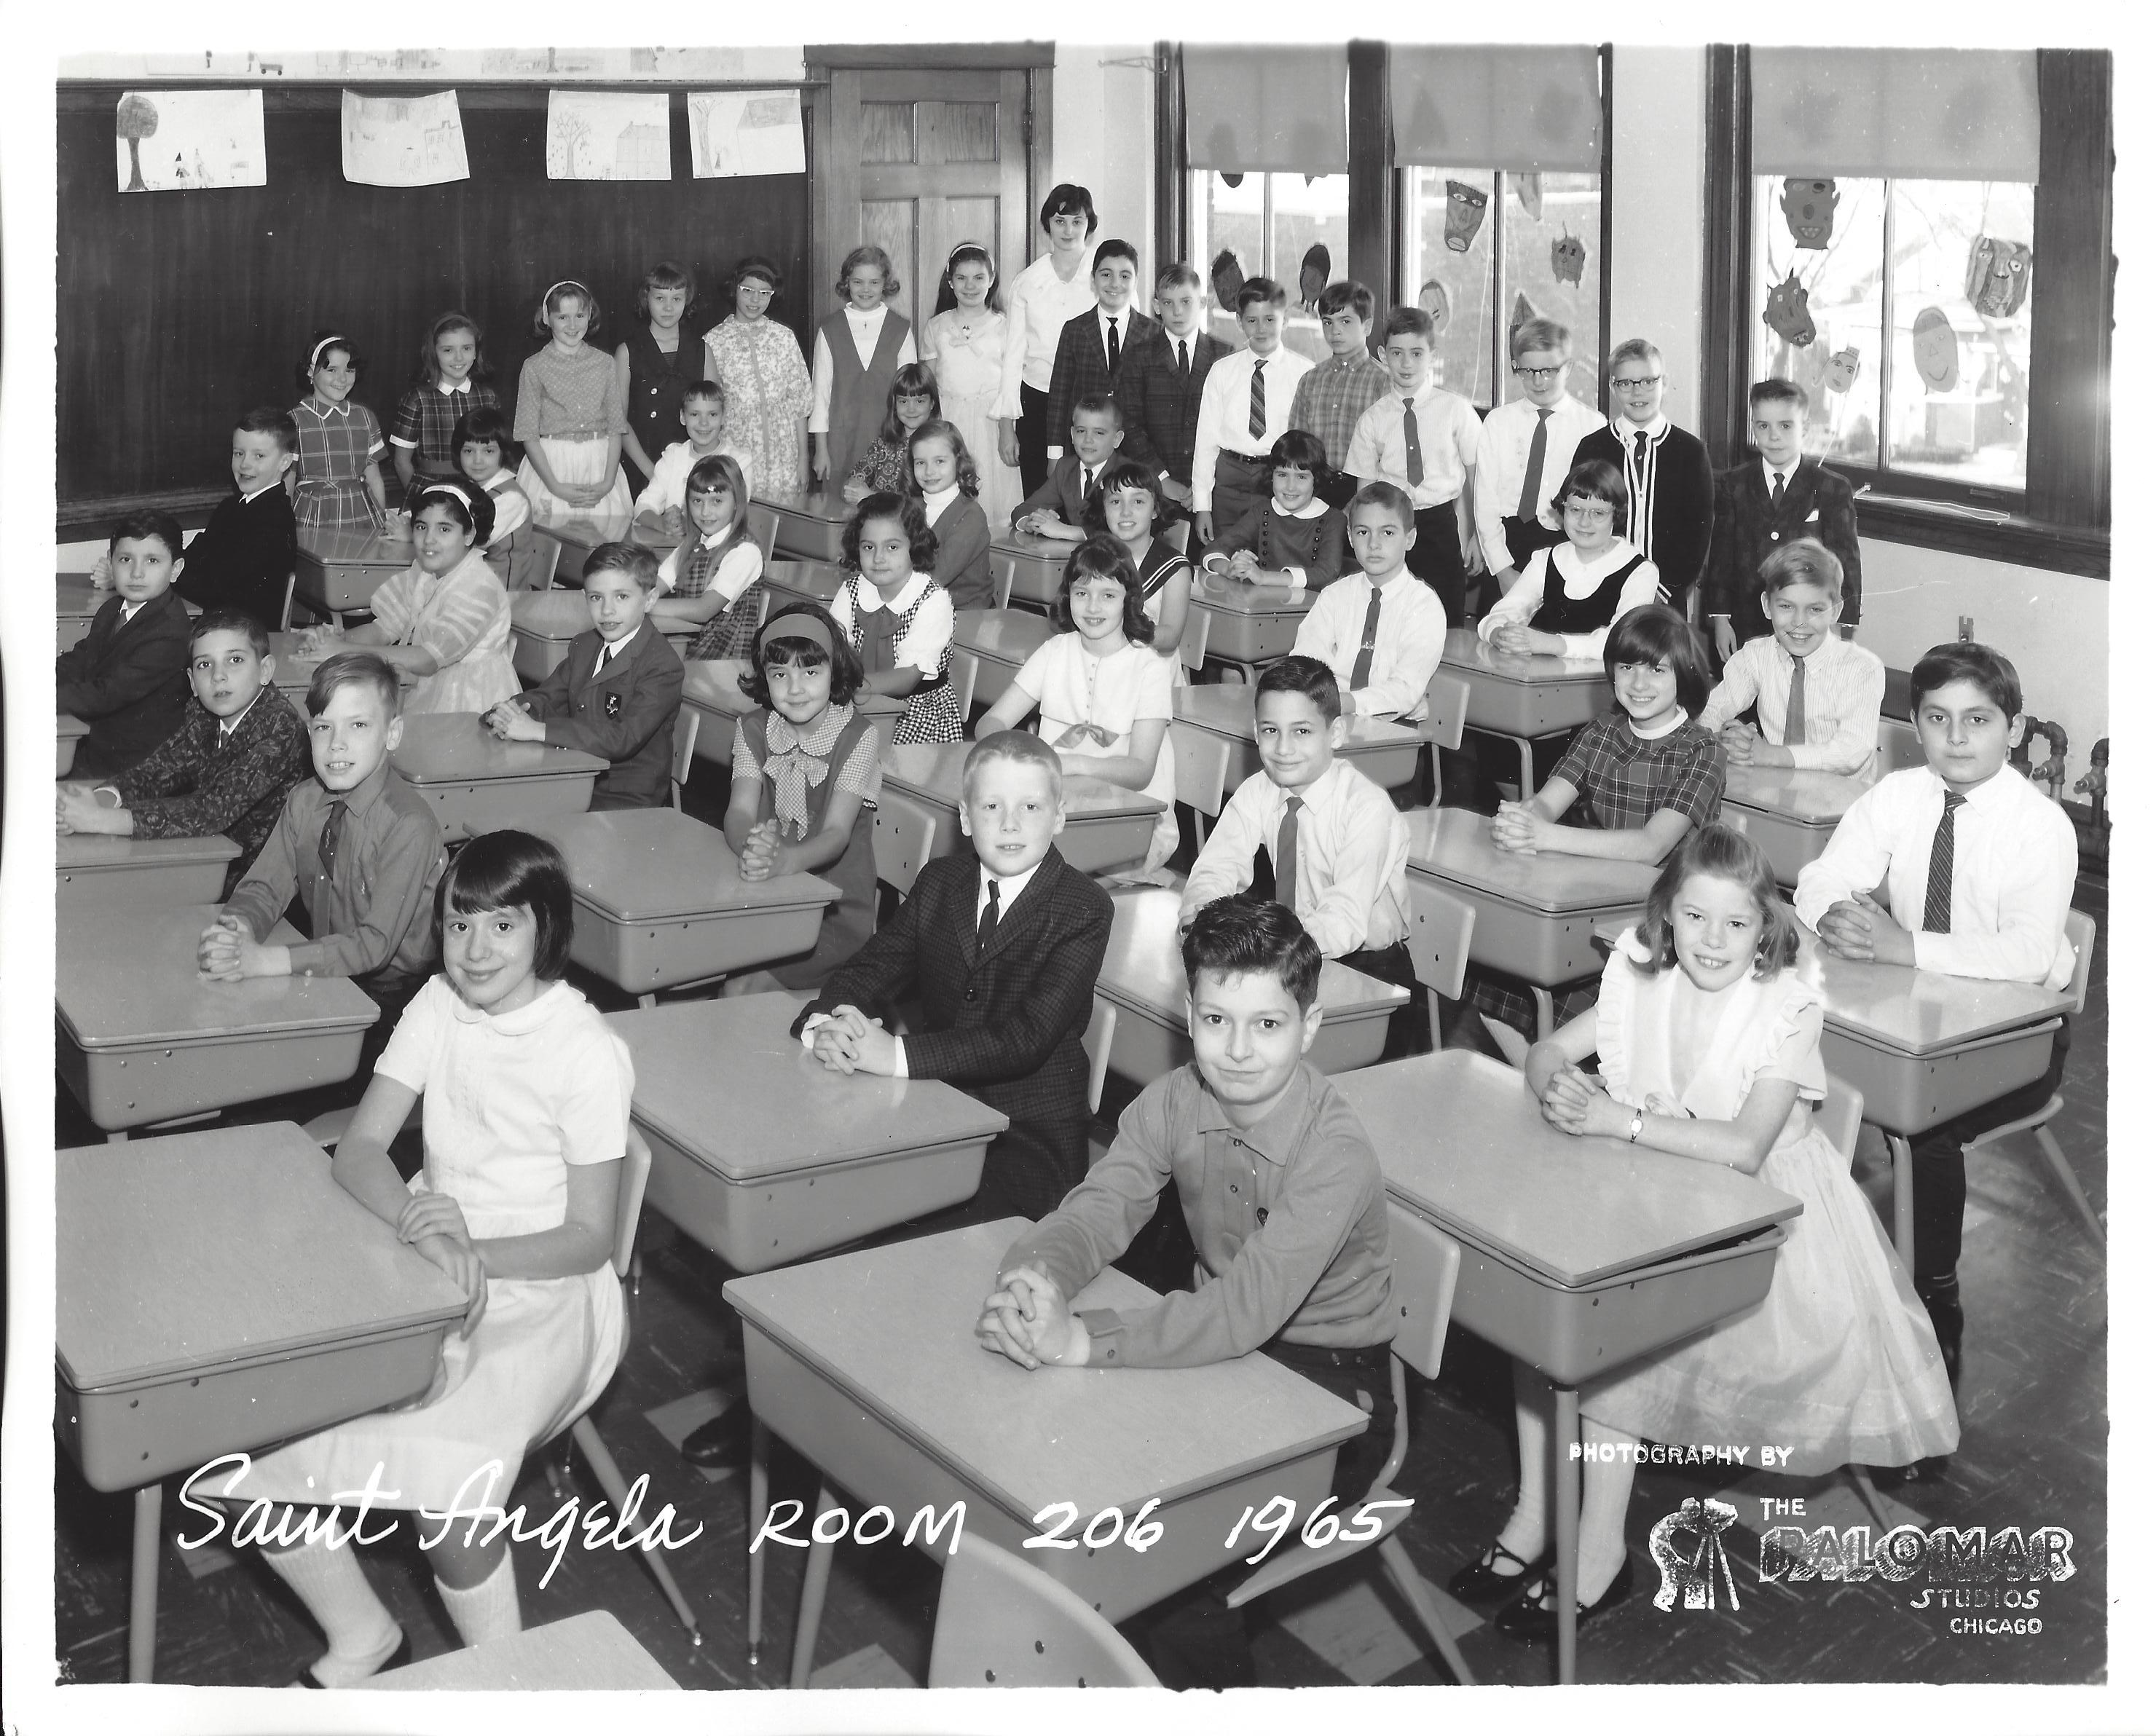 1965 Room 206